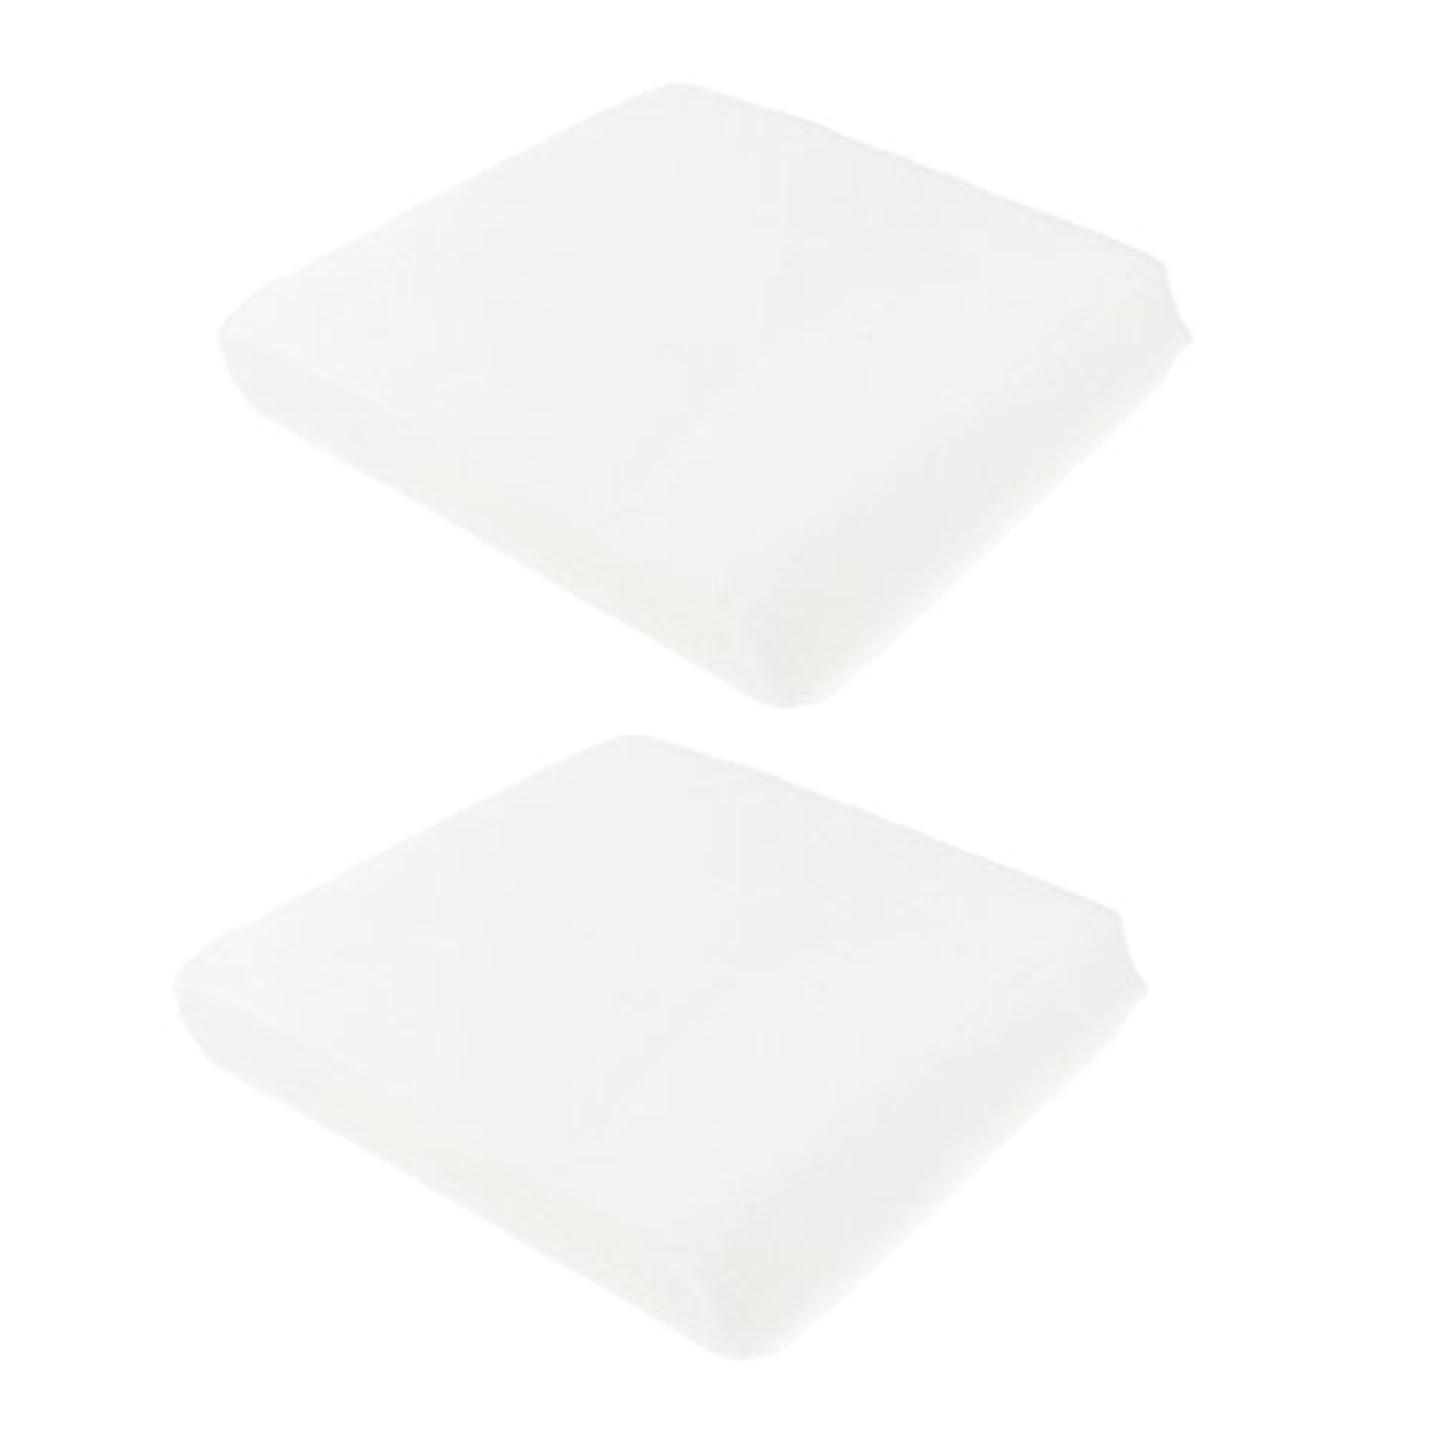 興奮する収入のぞき穴2パック 使い捨て ナプキン タオル ハンドタオル ローズ ゲストタオル ペーパー 2サイズ - 1#